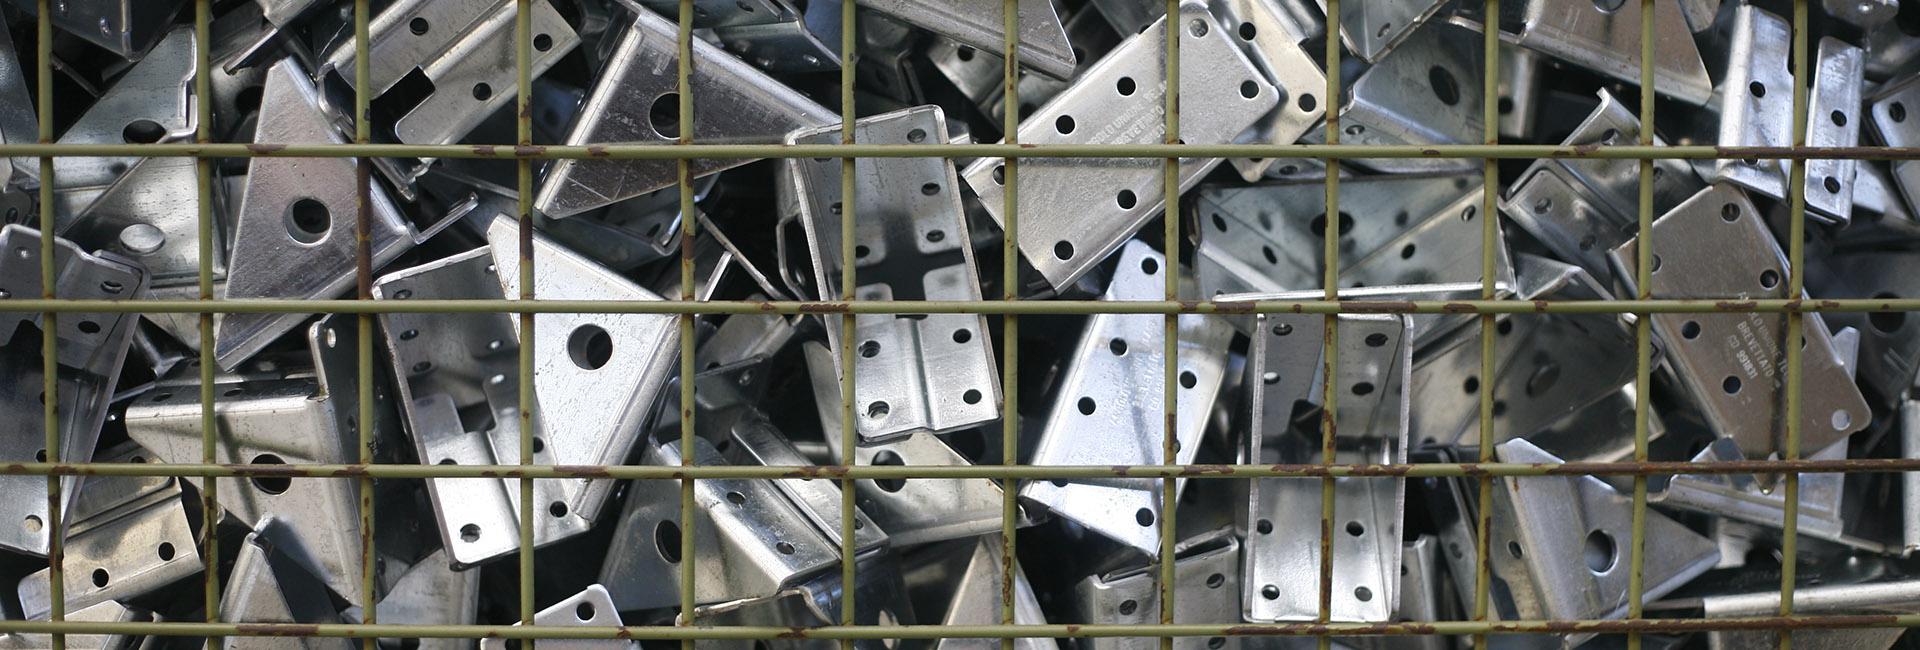 angolo di giunzione per contenitori industriali